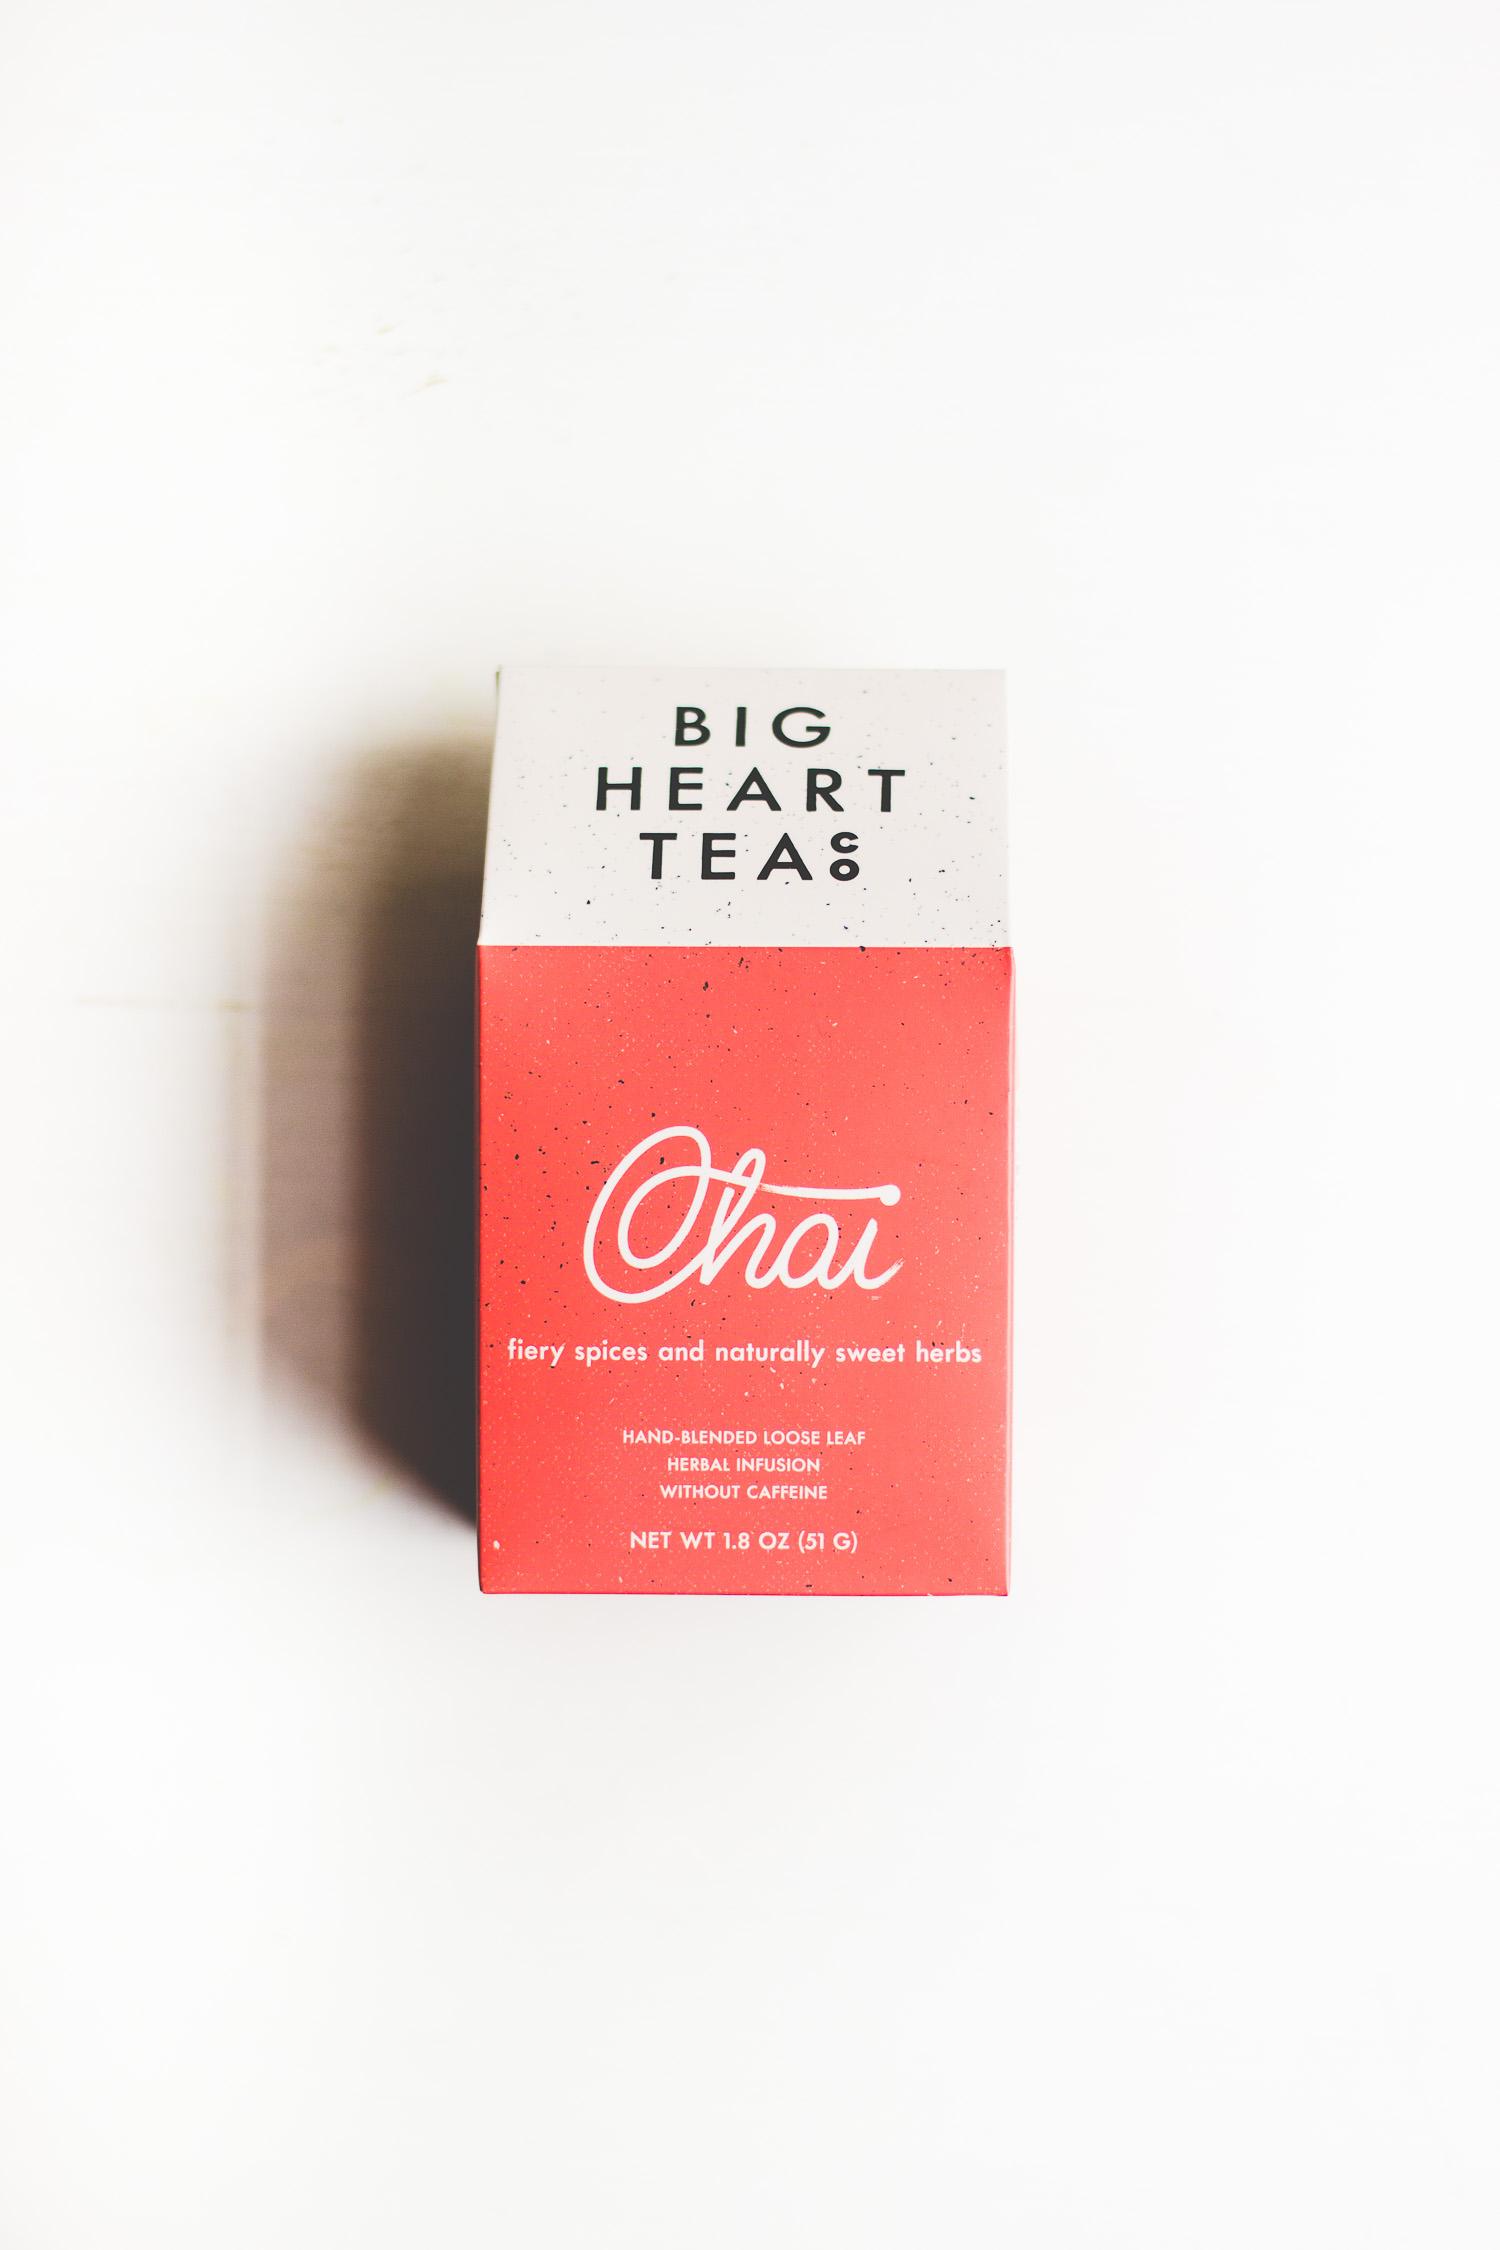 big-heart-tea-chai-box.jpg